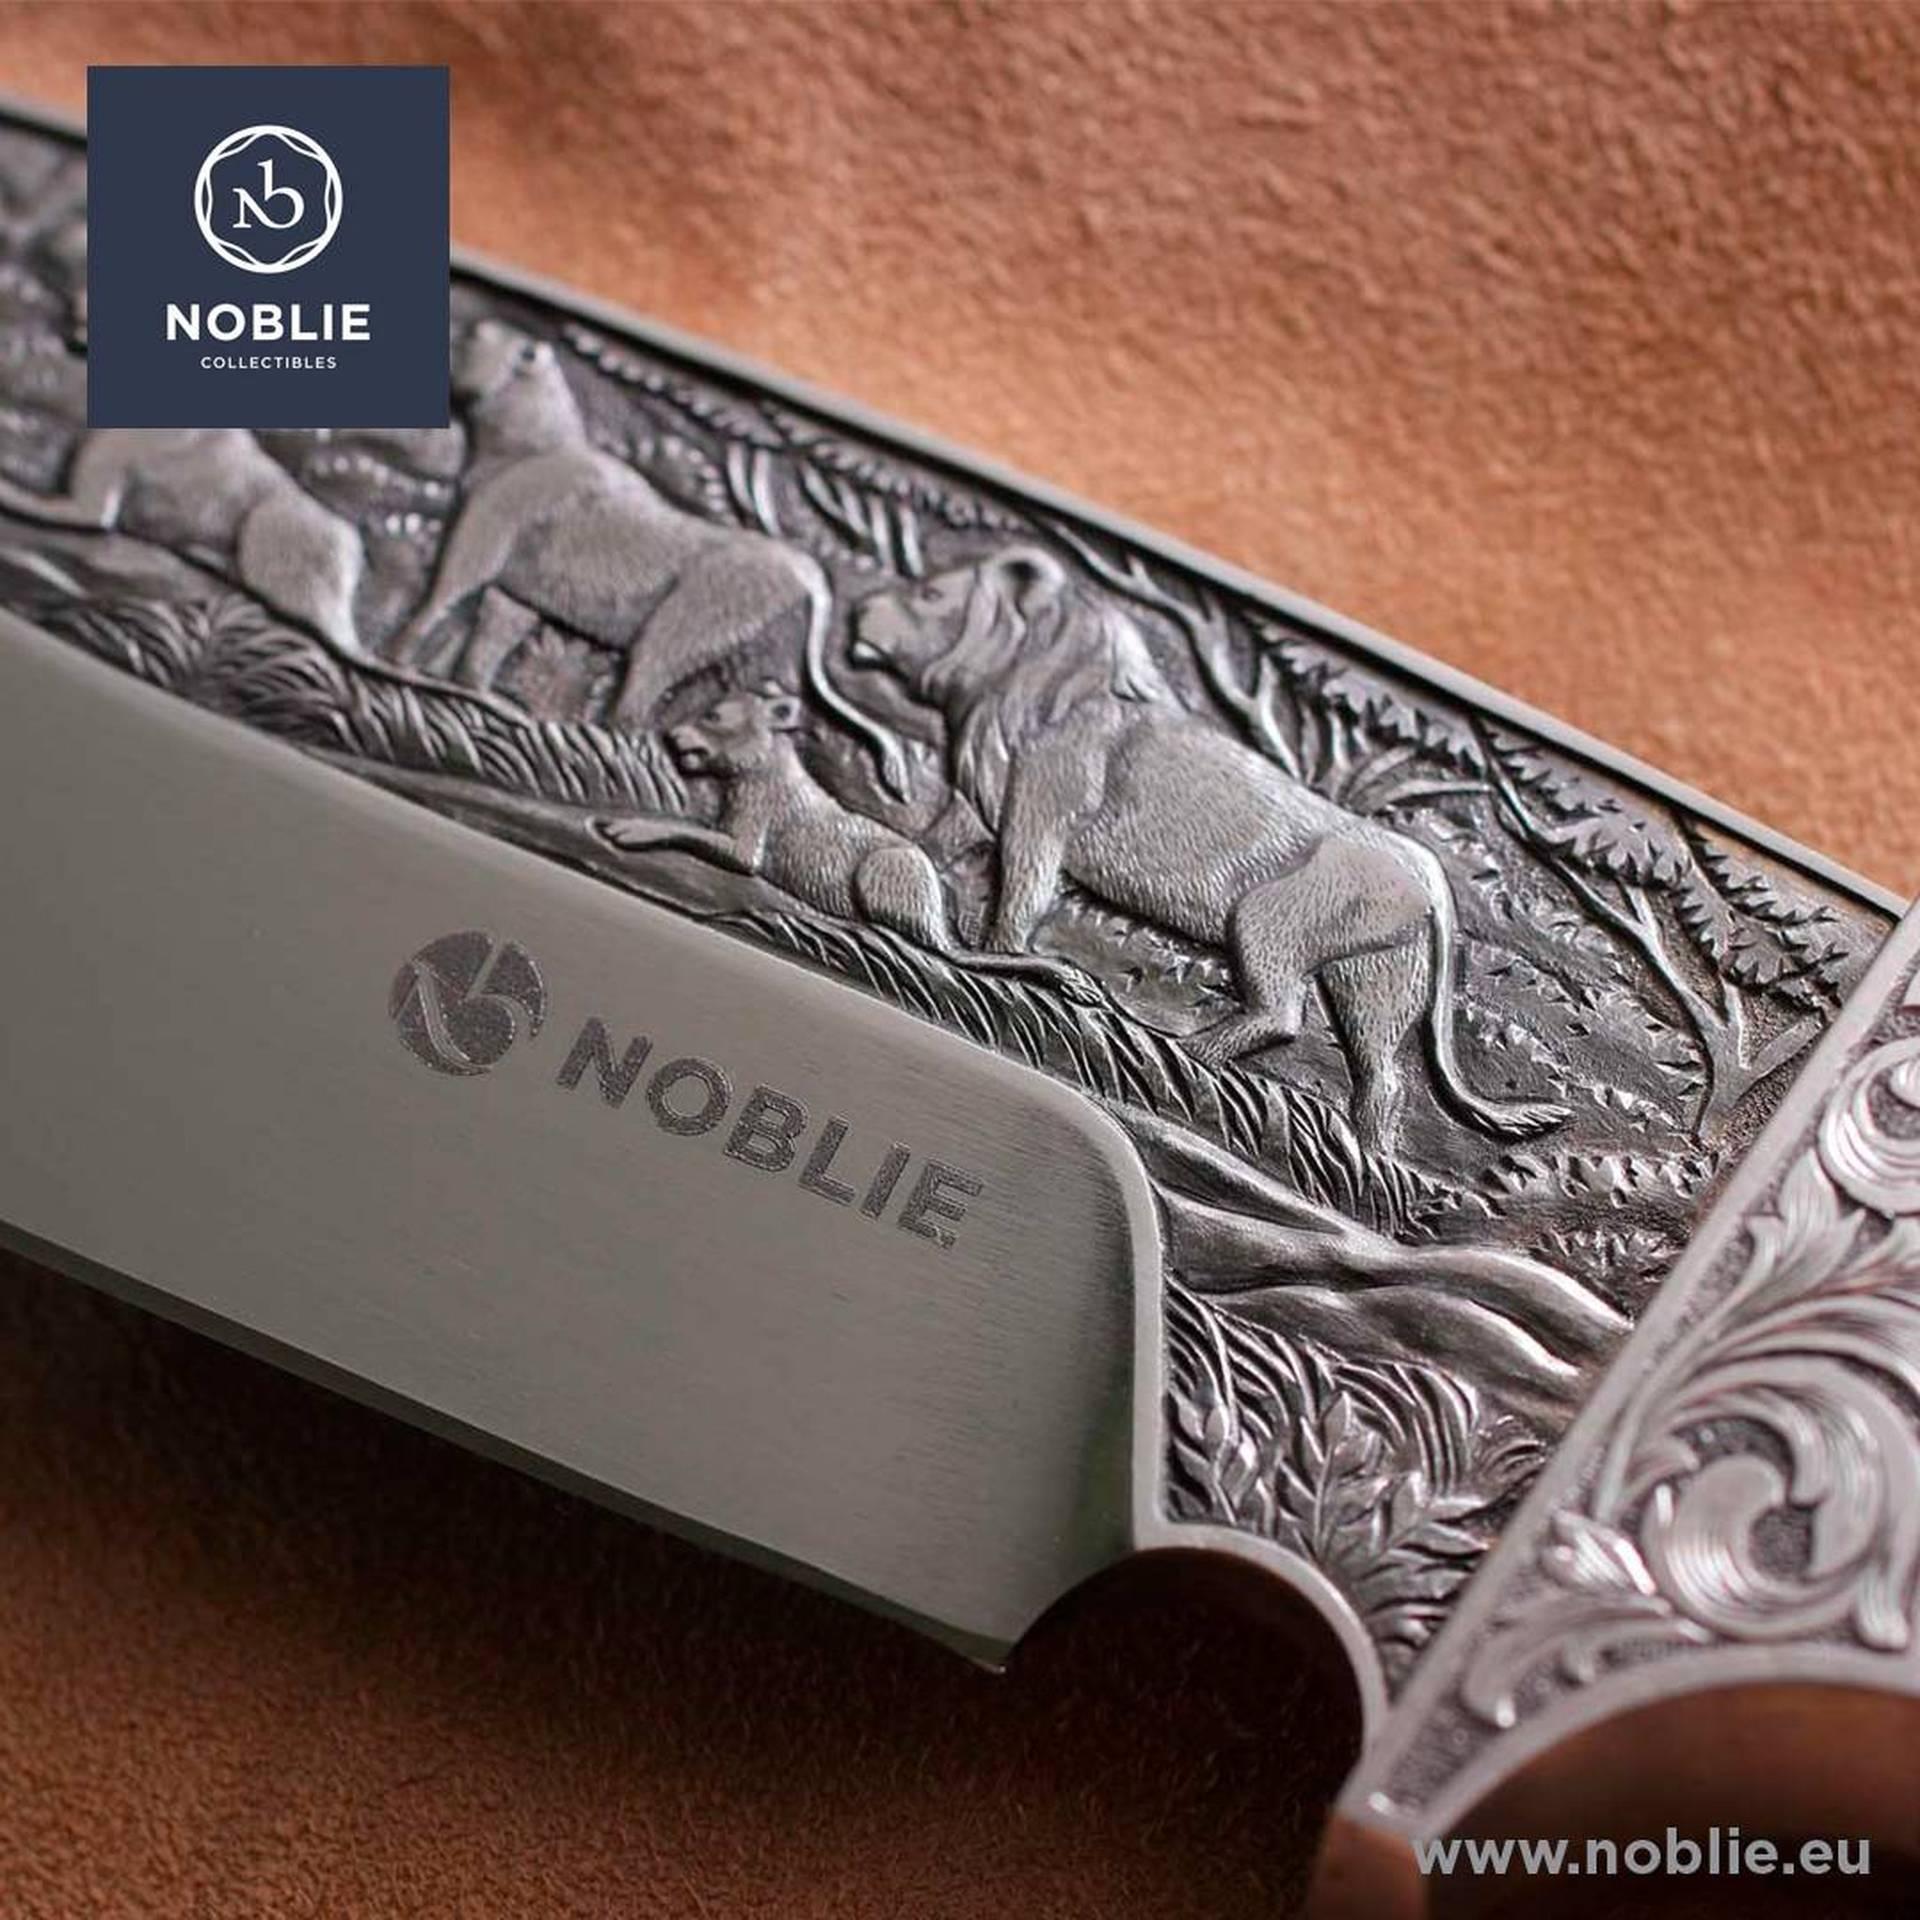 custom engraved knives